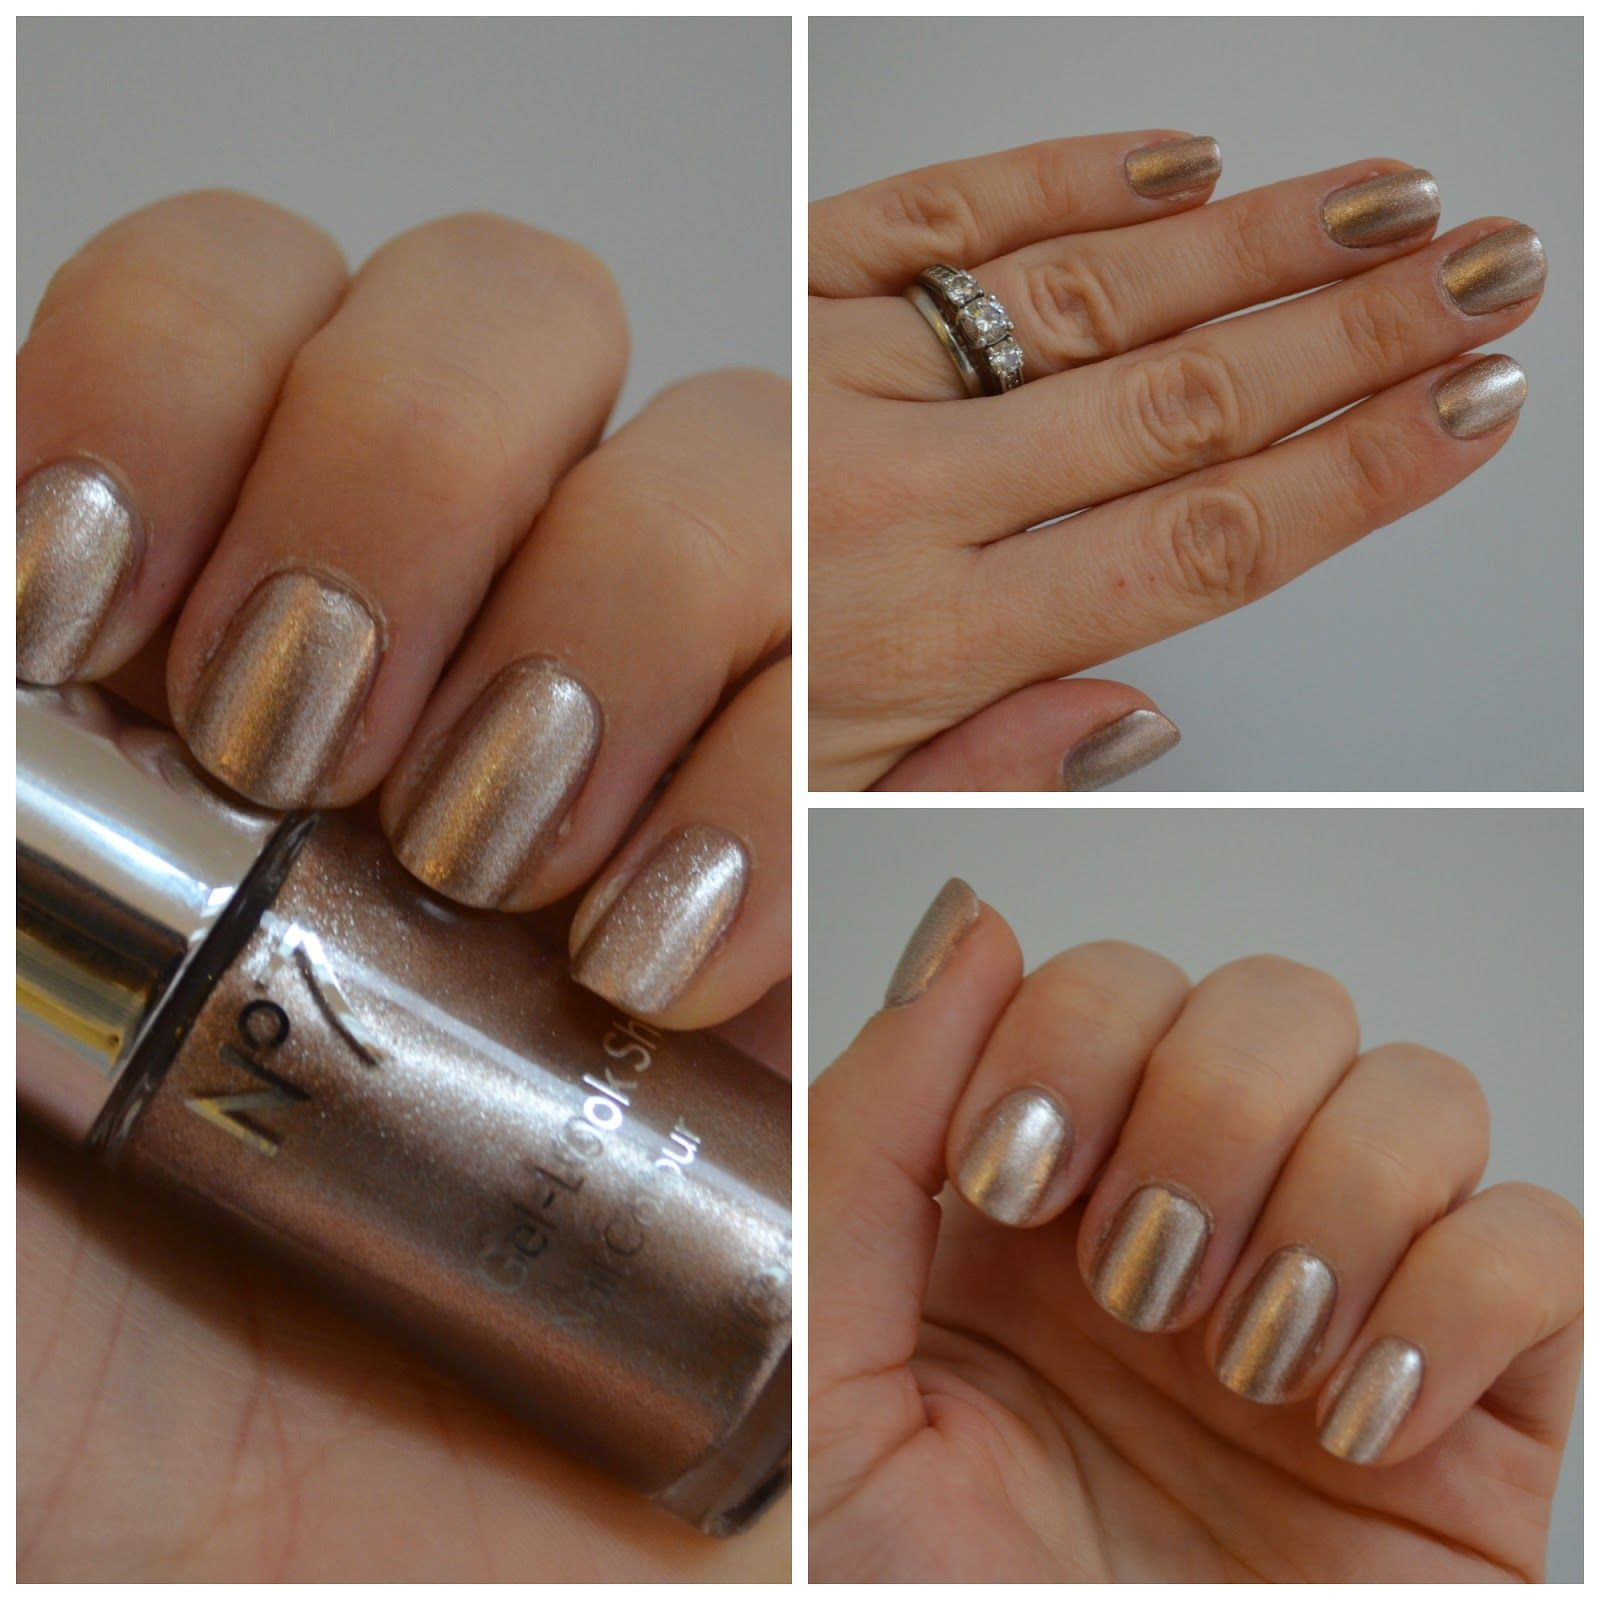 golden sands nail polish - Google Search | Nails-Toes Polish ...